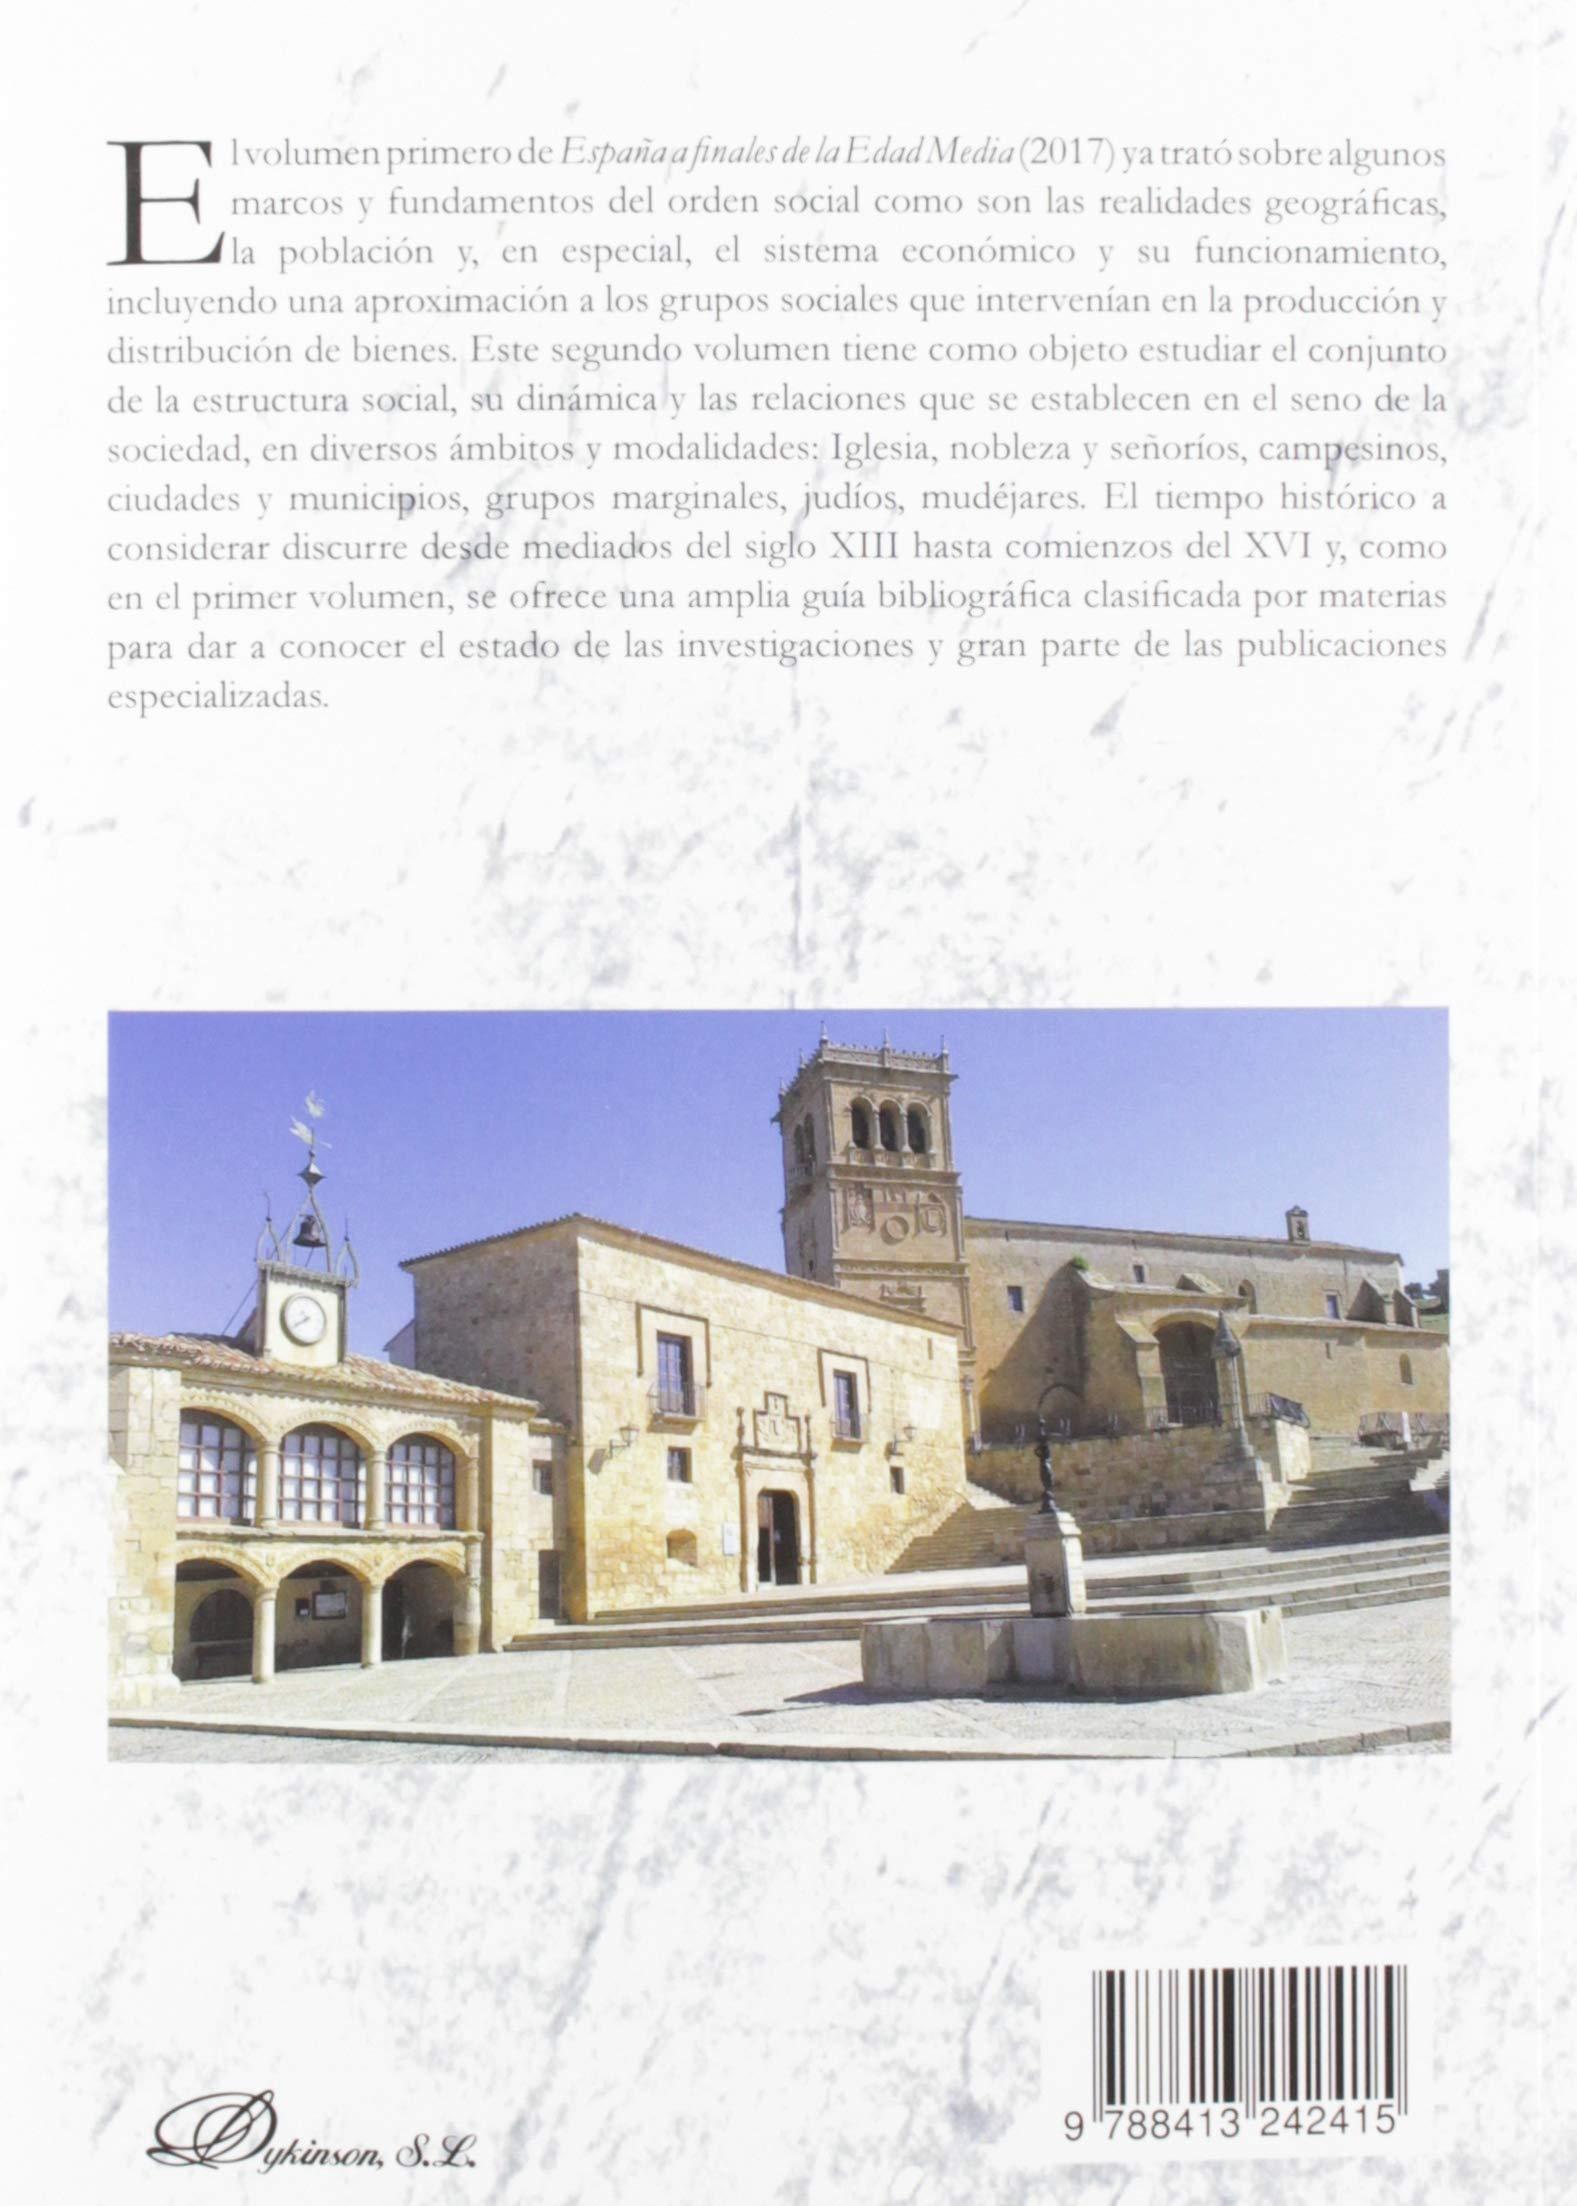 España a finales De La Edad Media. 2. Sociedad: Amazon.es: Ladero Quesada, Miguel Ángel: Libros